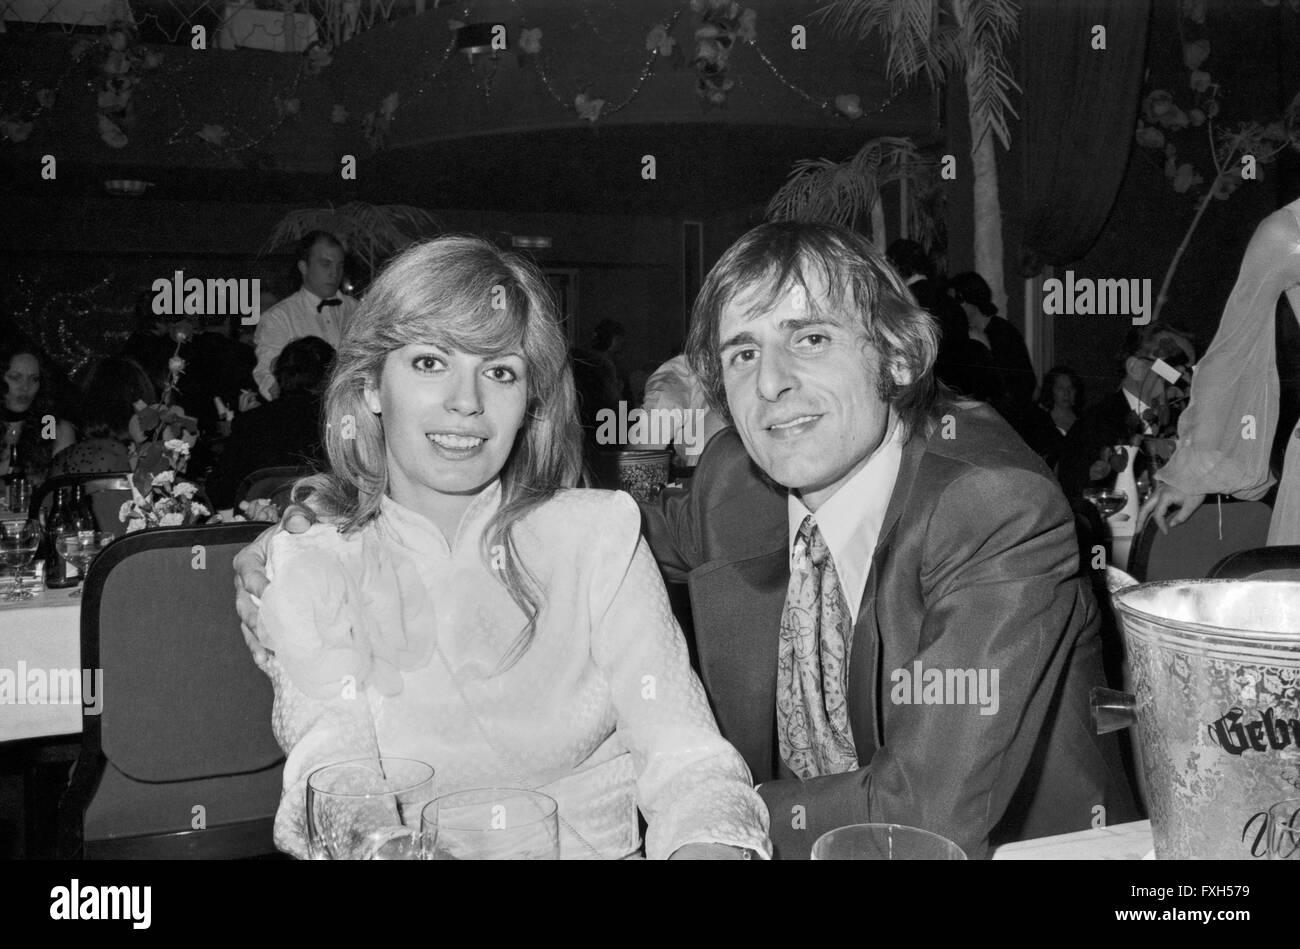 Maler Und Fotograf Manfred Bockelmann Mit Christiane Rücker Beim SPIO Filmball in München 1976, 1970er Stockbild